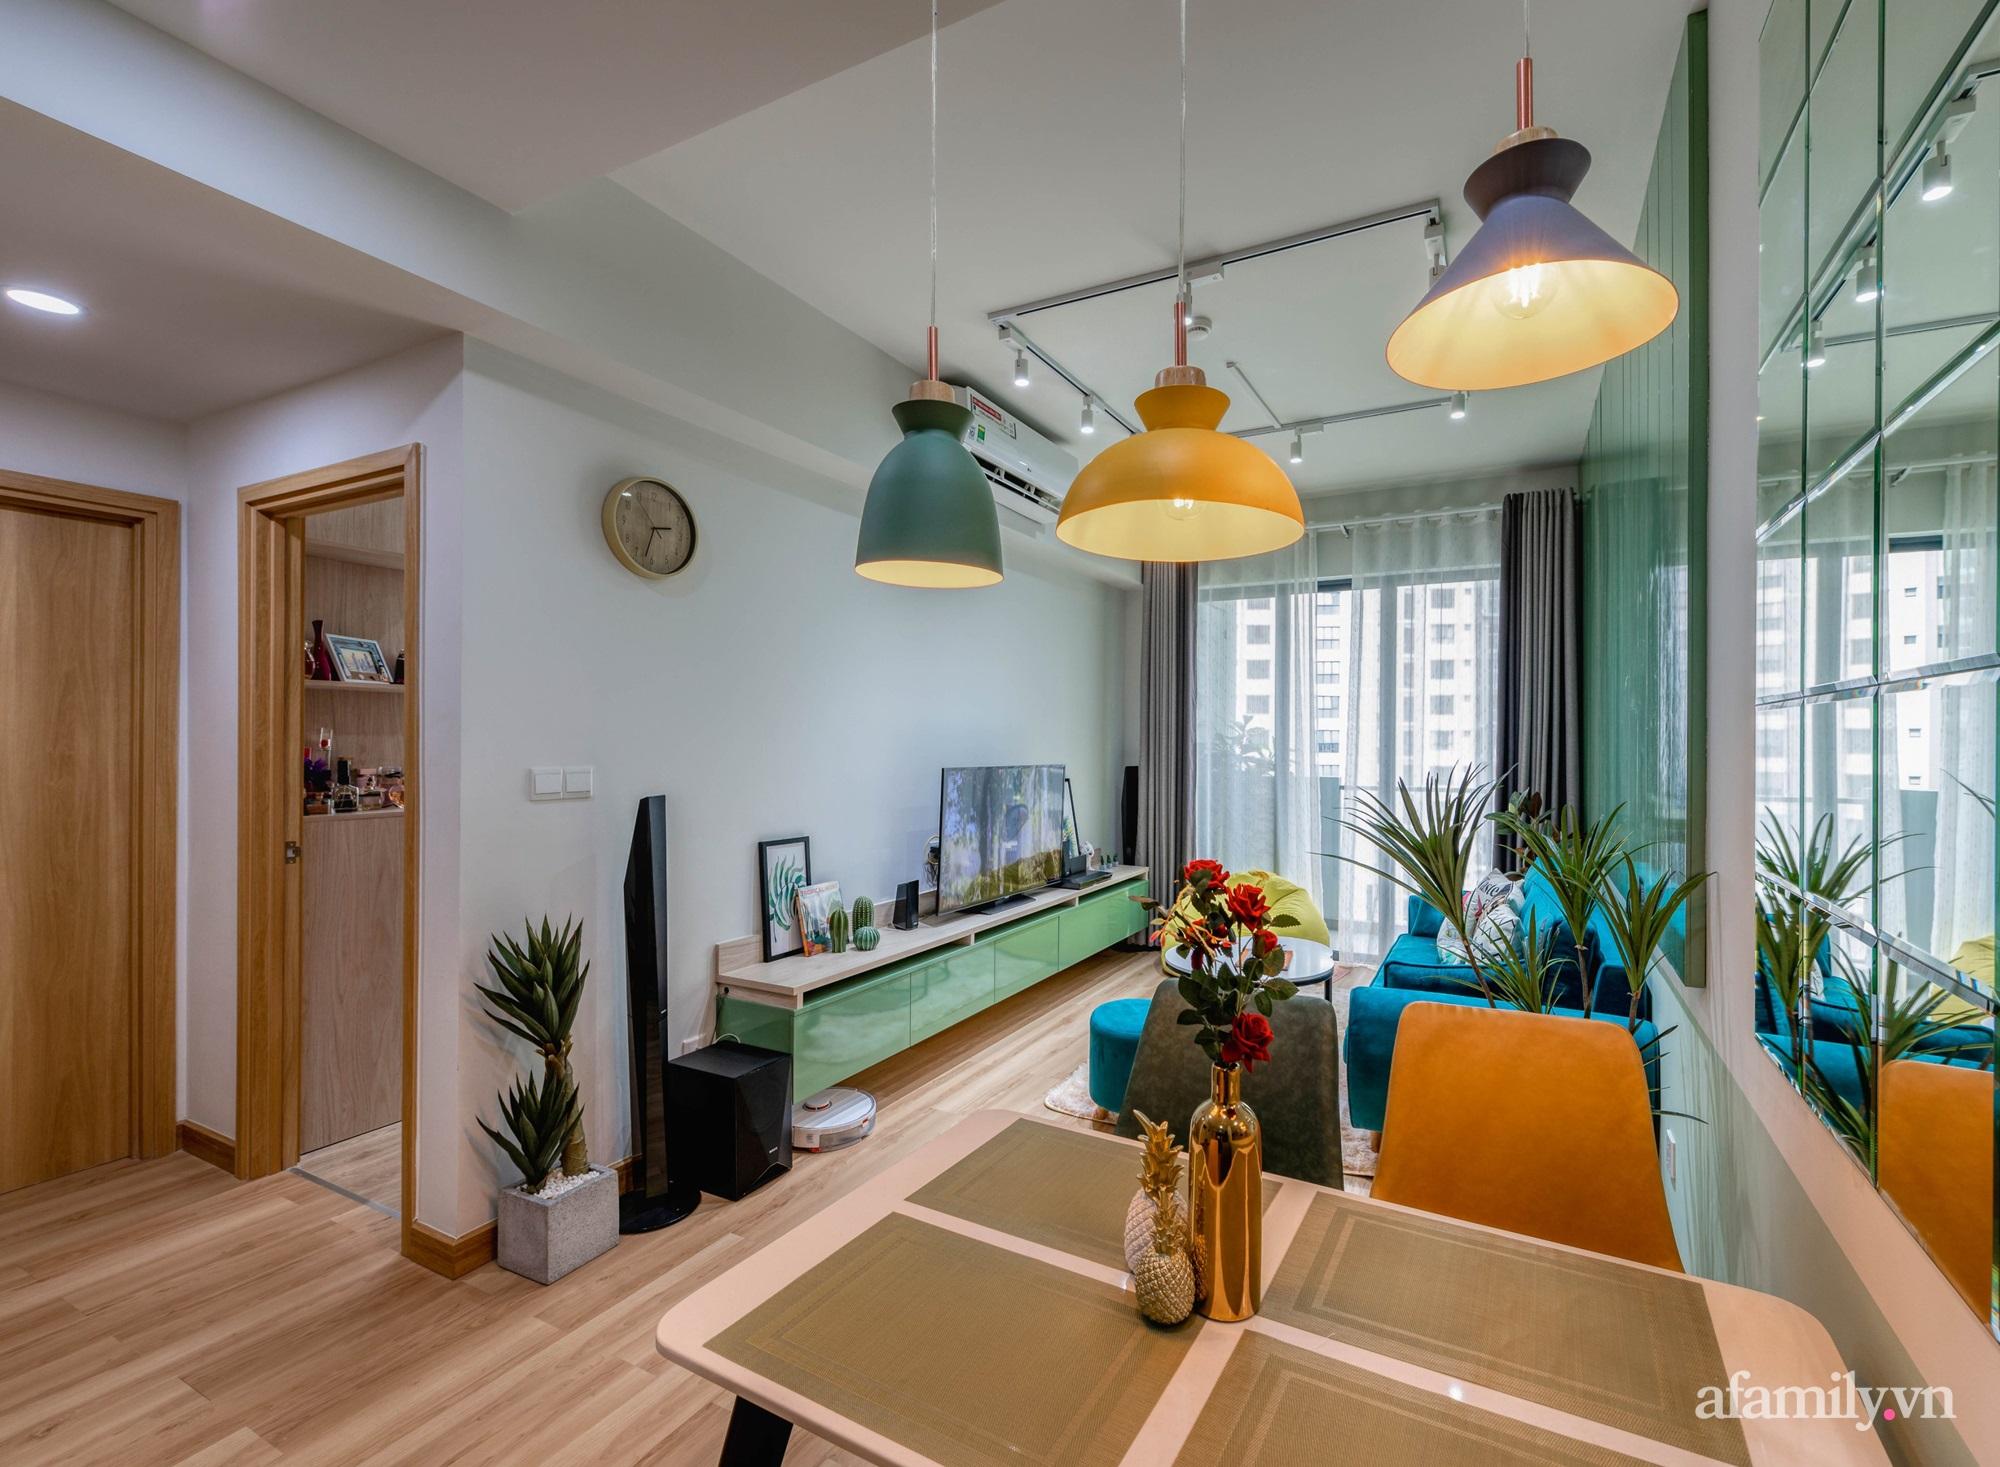 Căn hộ 69m² tạo dấu ấn đặc biệt với phong cách Tropical có chi phí thi công 180 triệu đồng ở Sài Gòn - Ảnh 2.